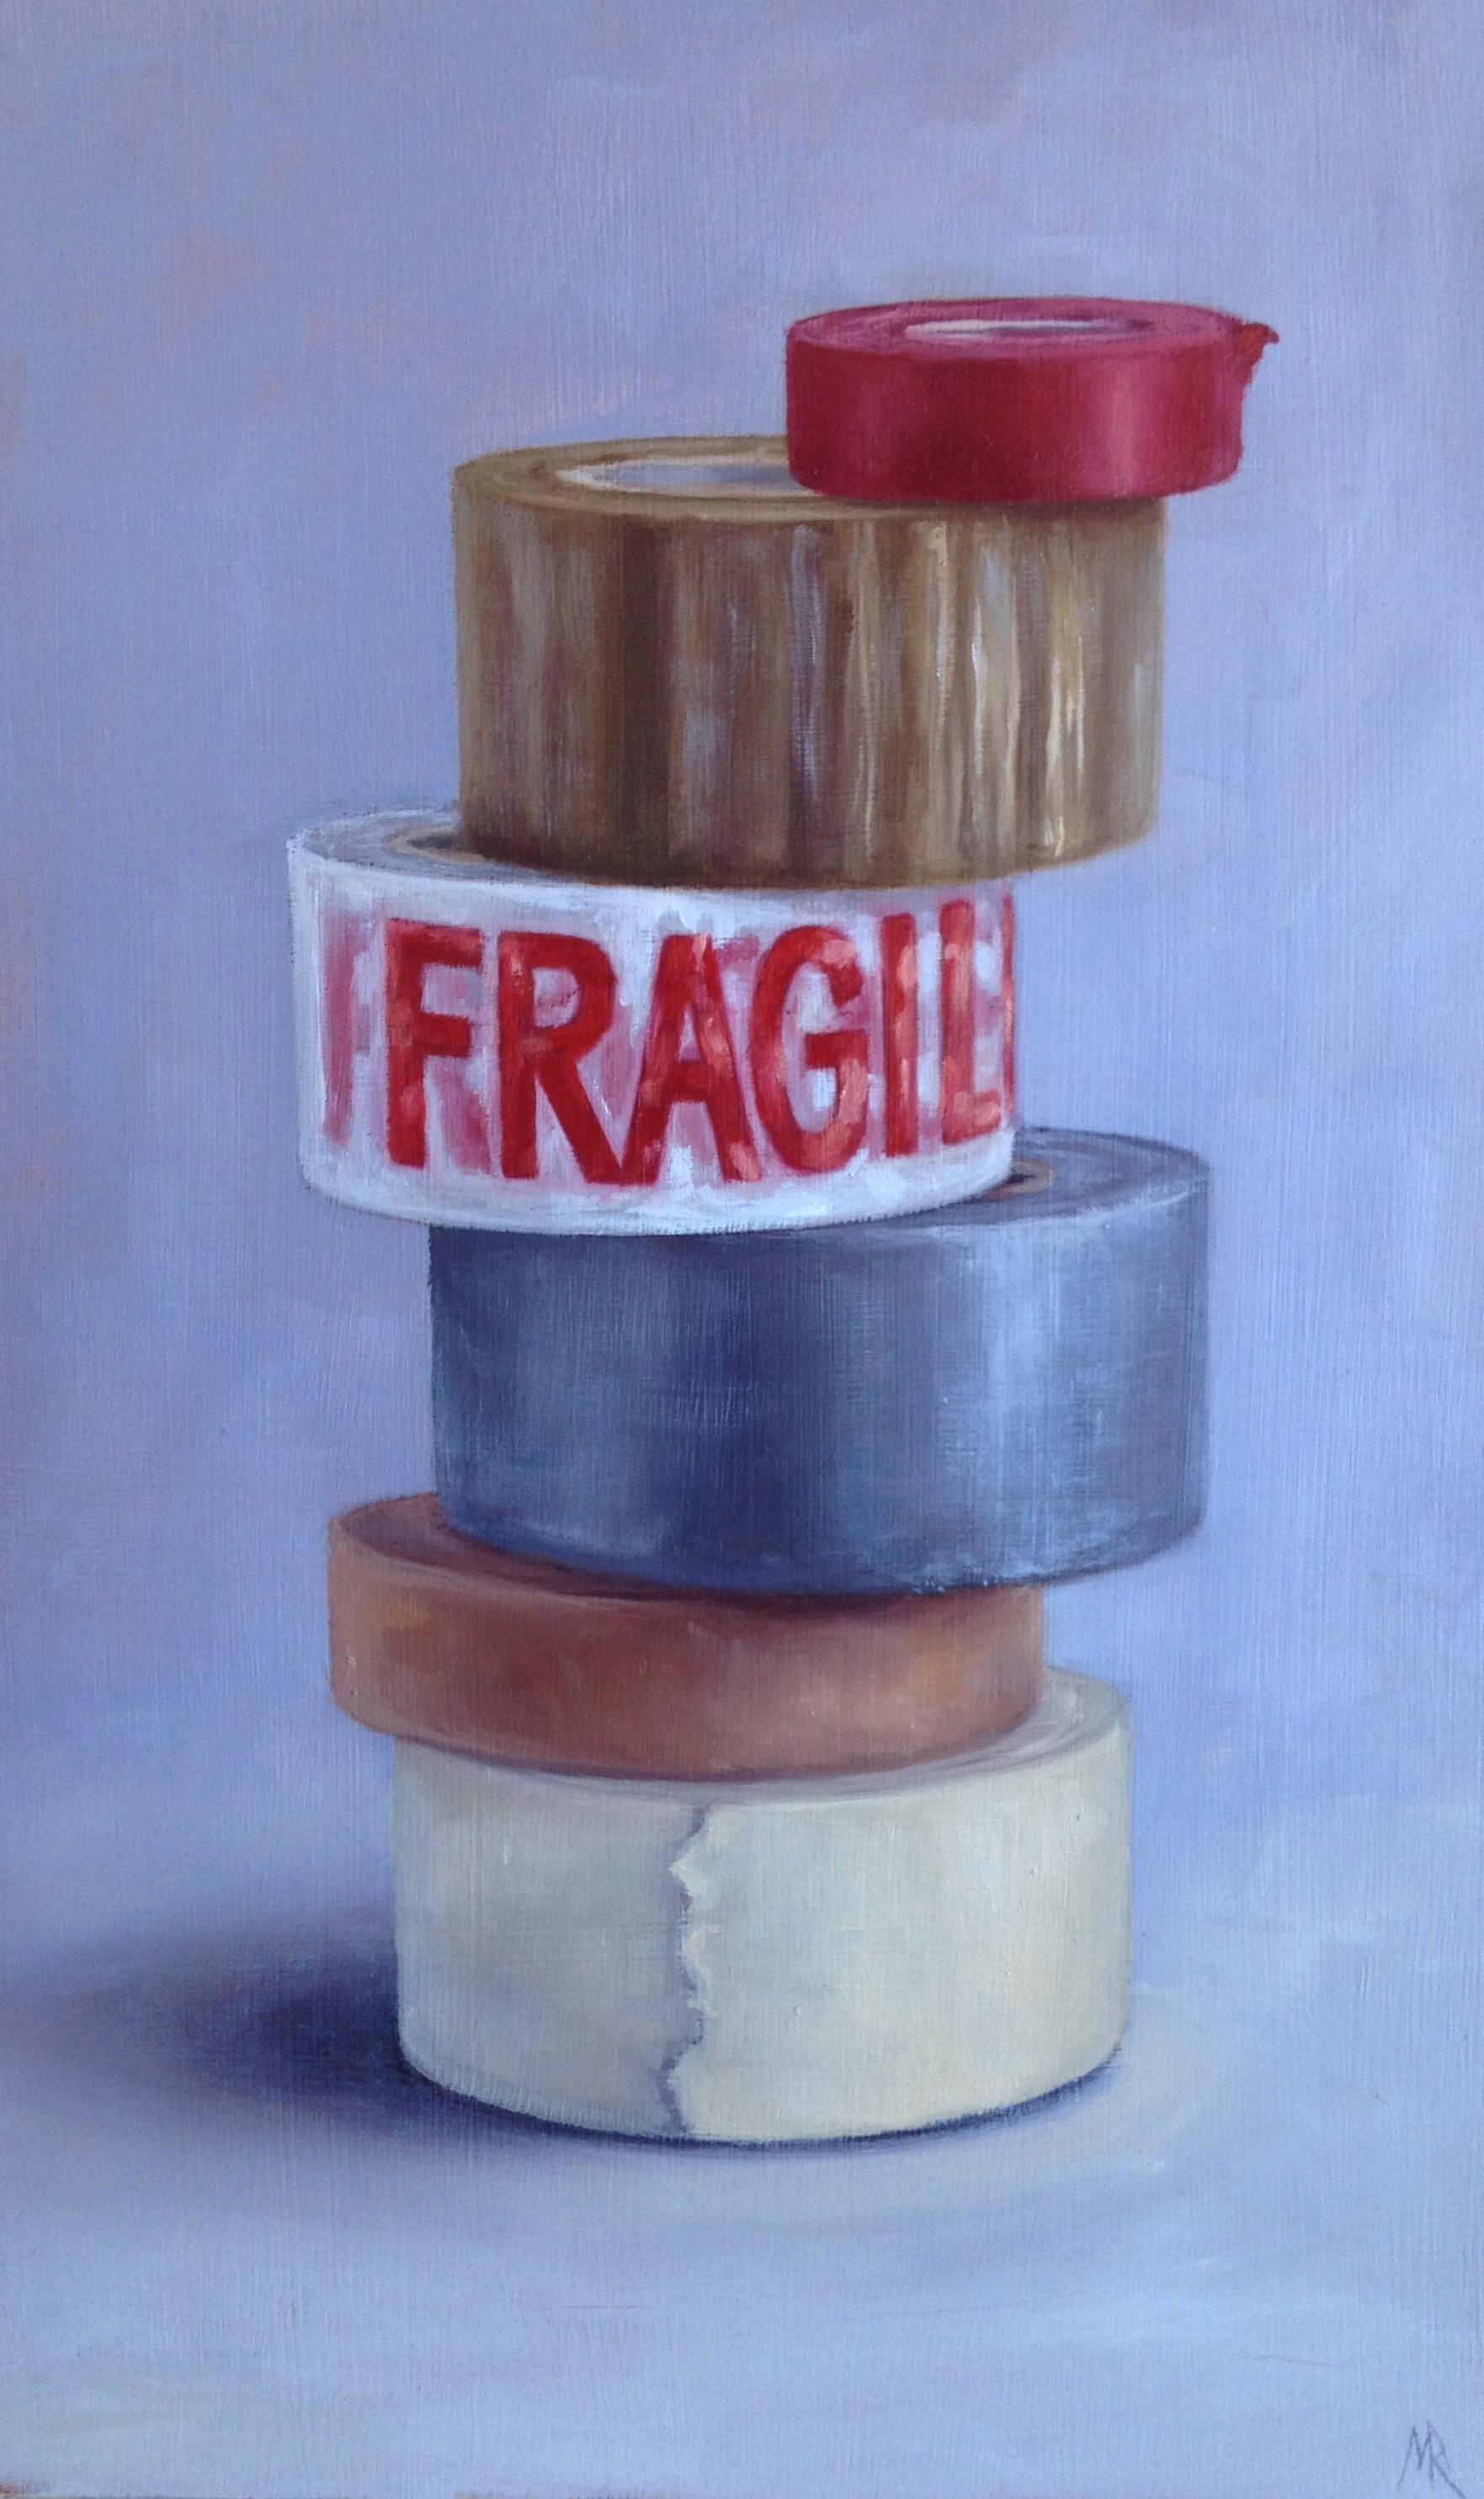 Fragile